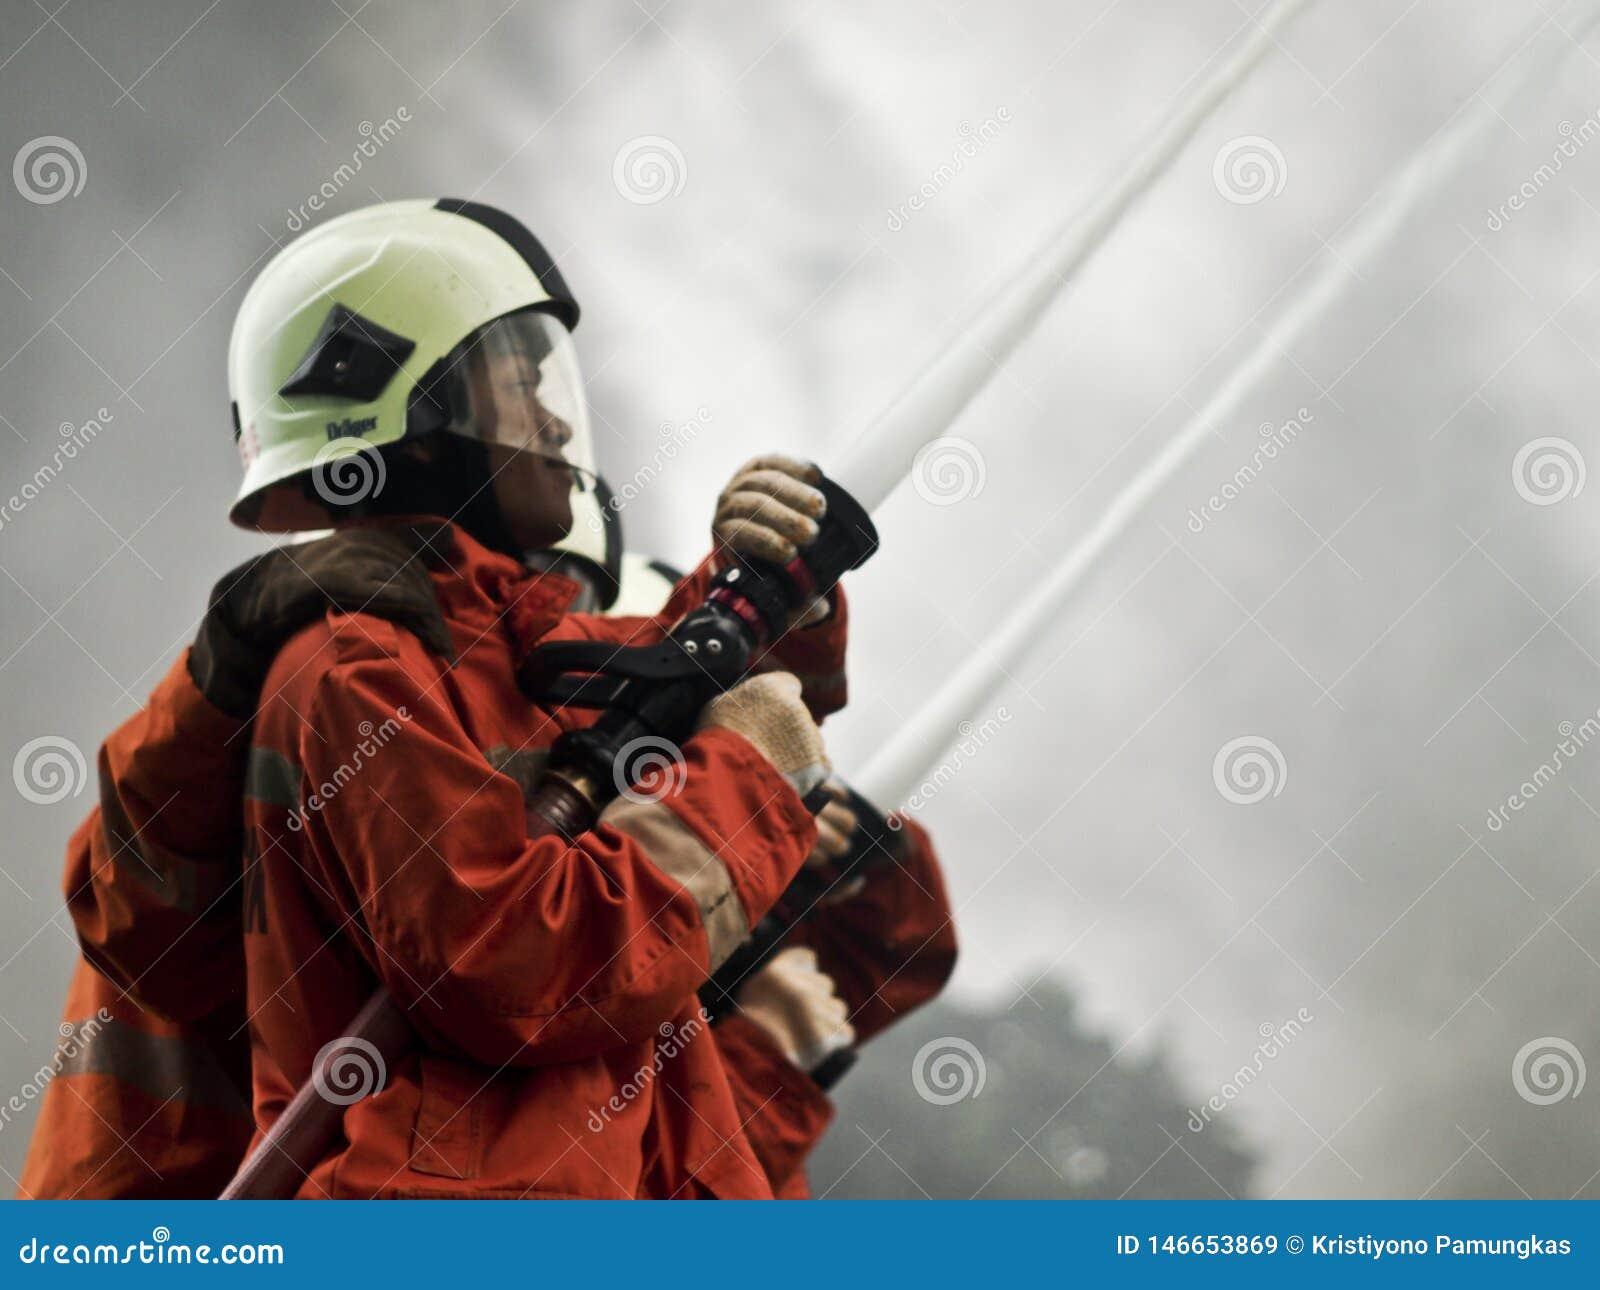 Всход водяного пистолета от пожарного